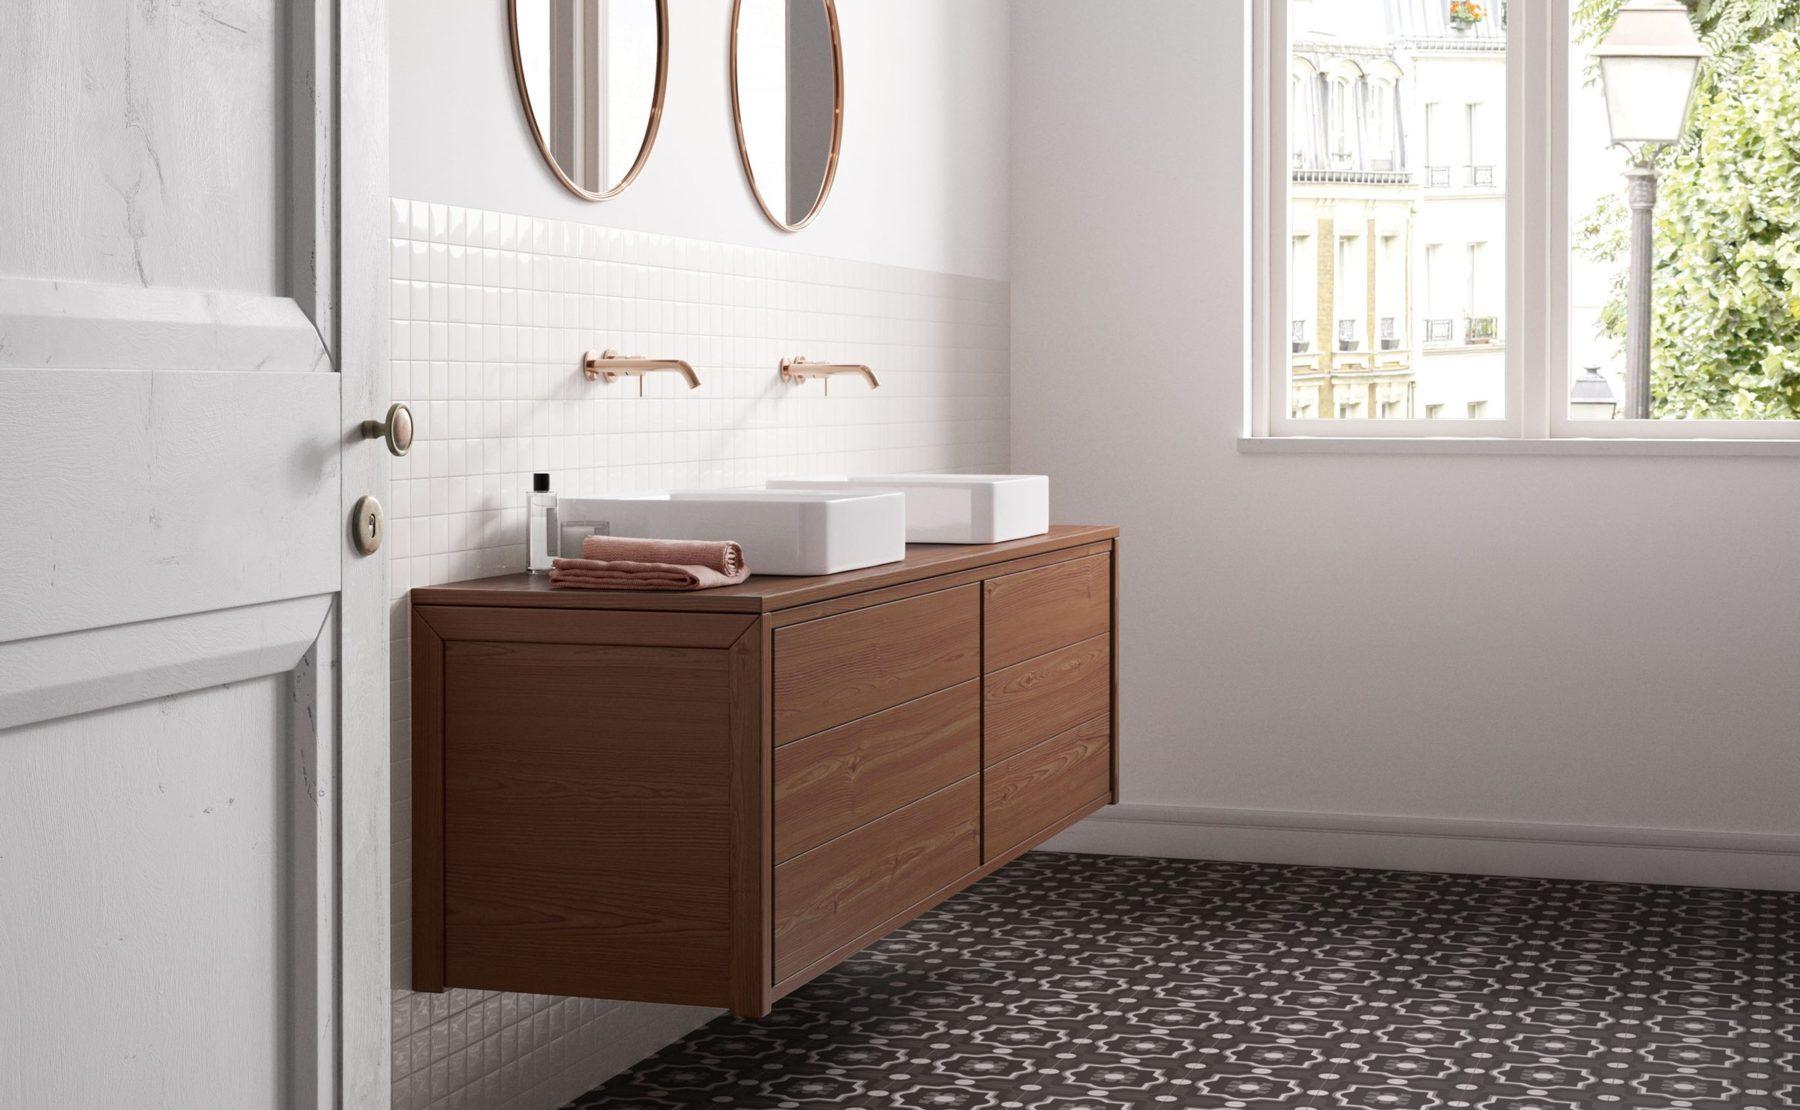 Le piastrelle di tendenza per il bagno quali sono gli ultimi